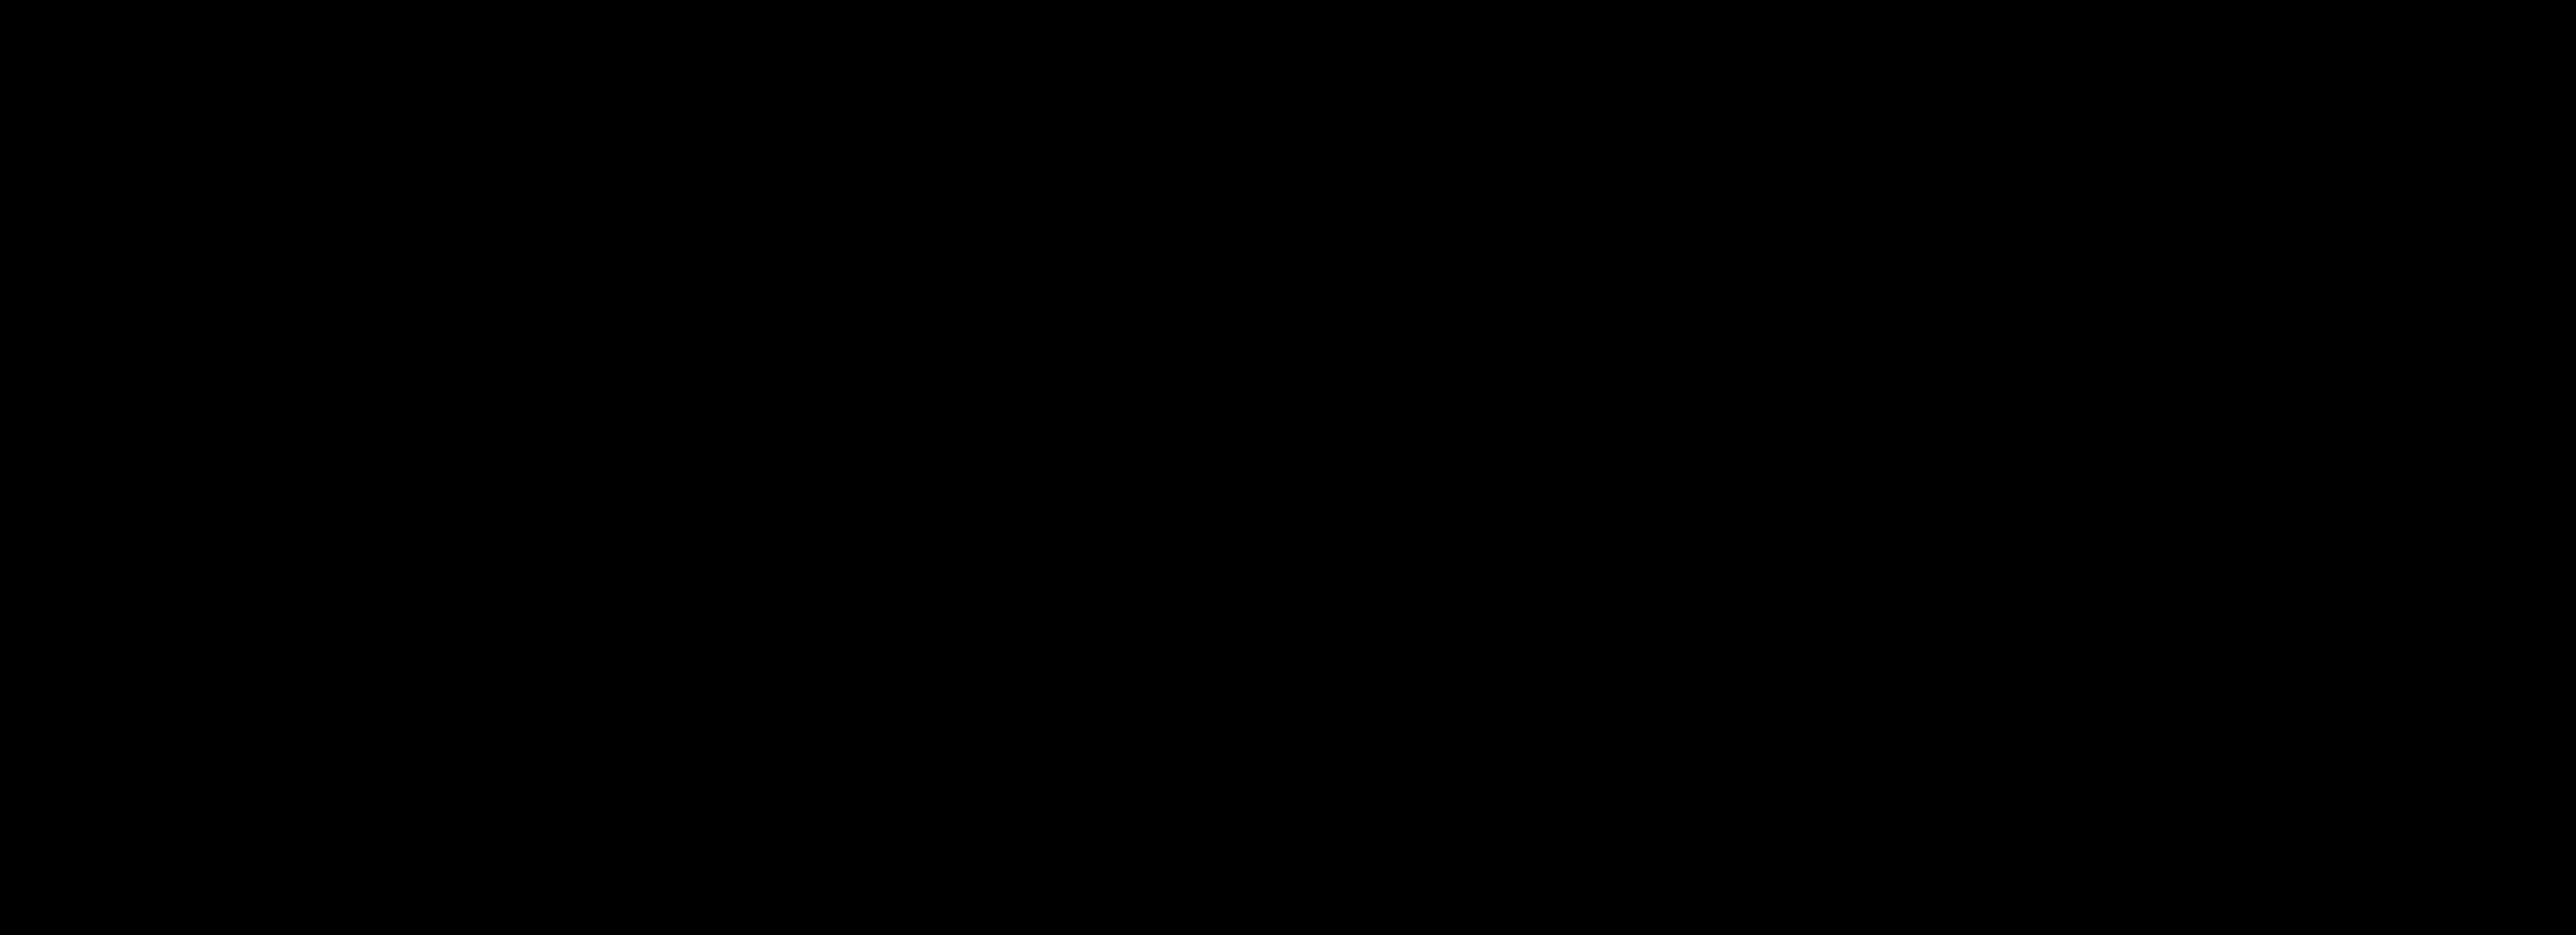 tsohost logo - biteditor Italia